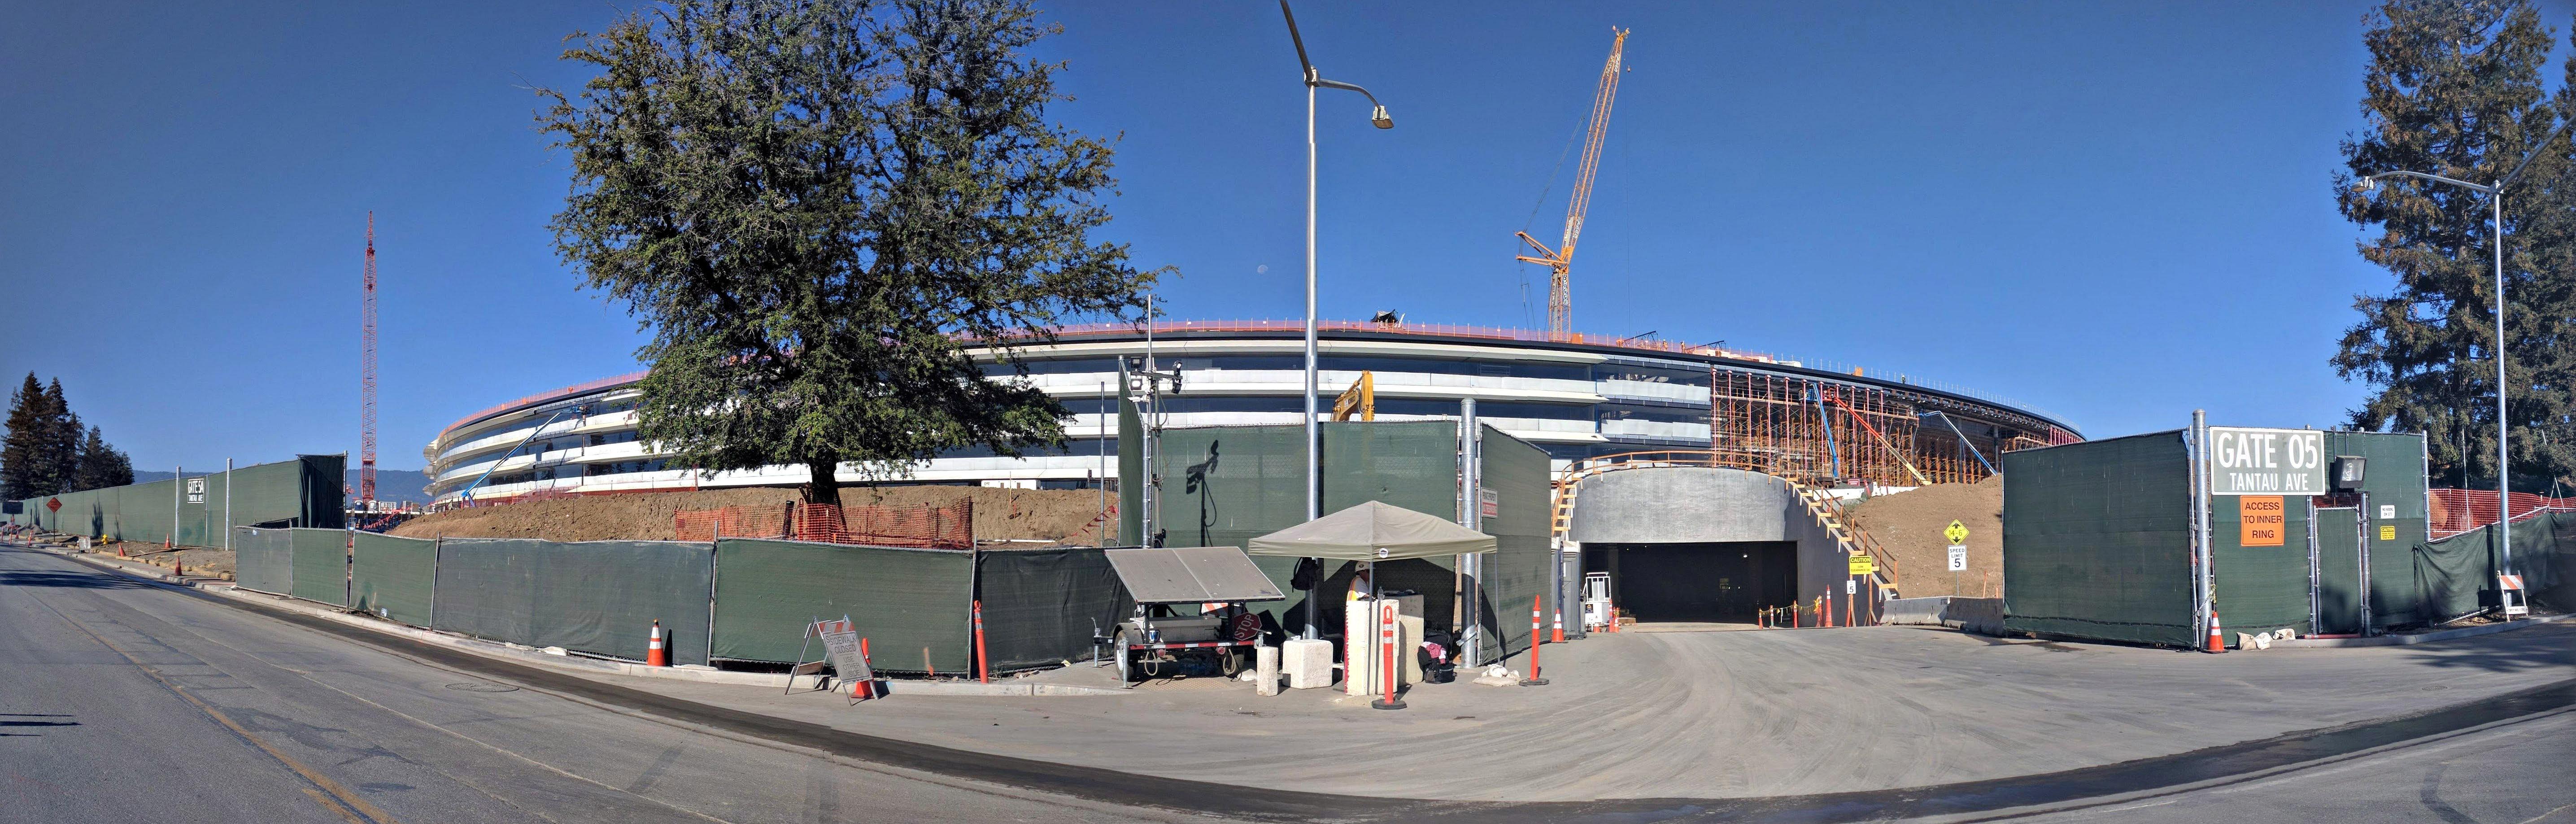 Apple Park, la sede de Apple, durante su construcción en 2016